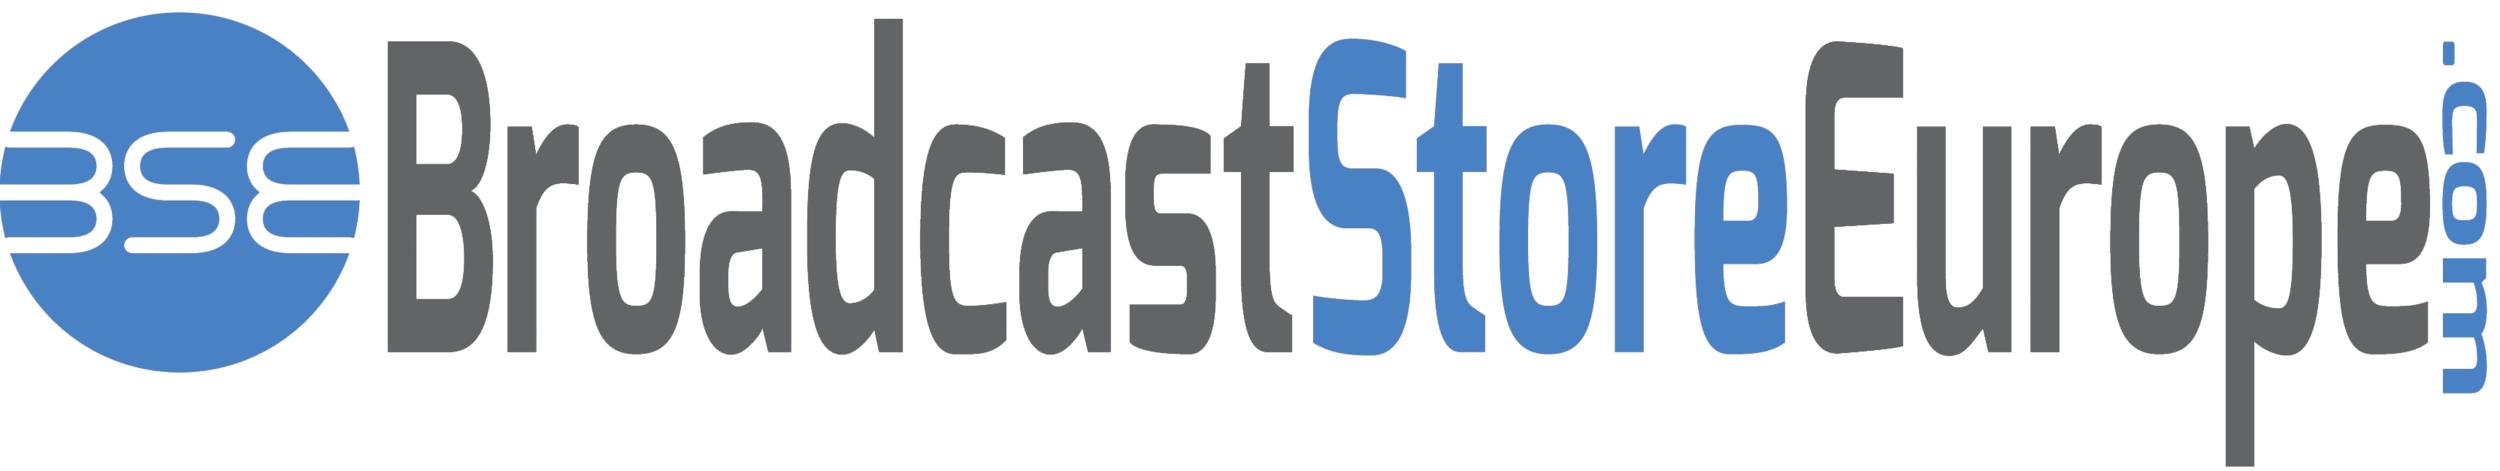 BroadCastStoreEurope.png